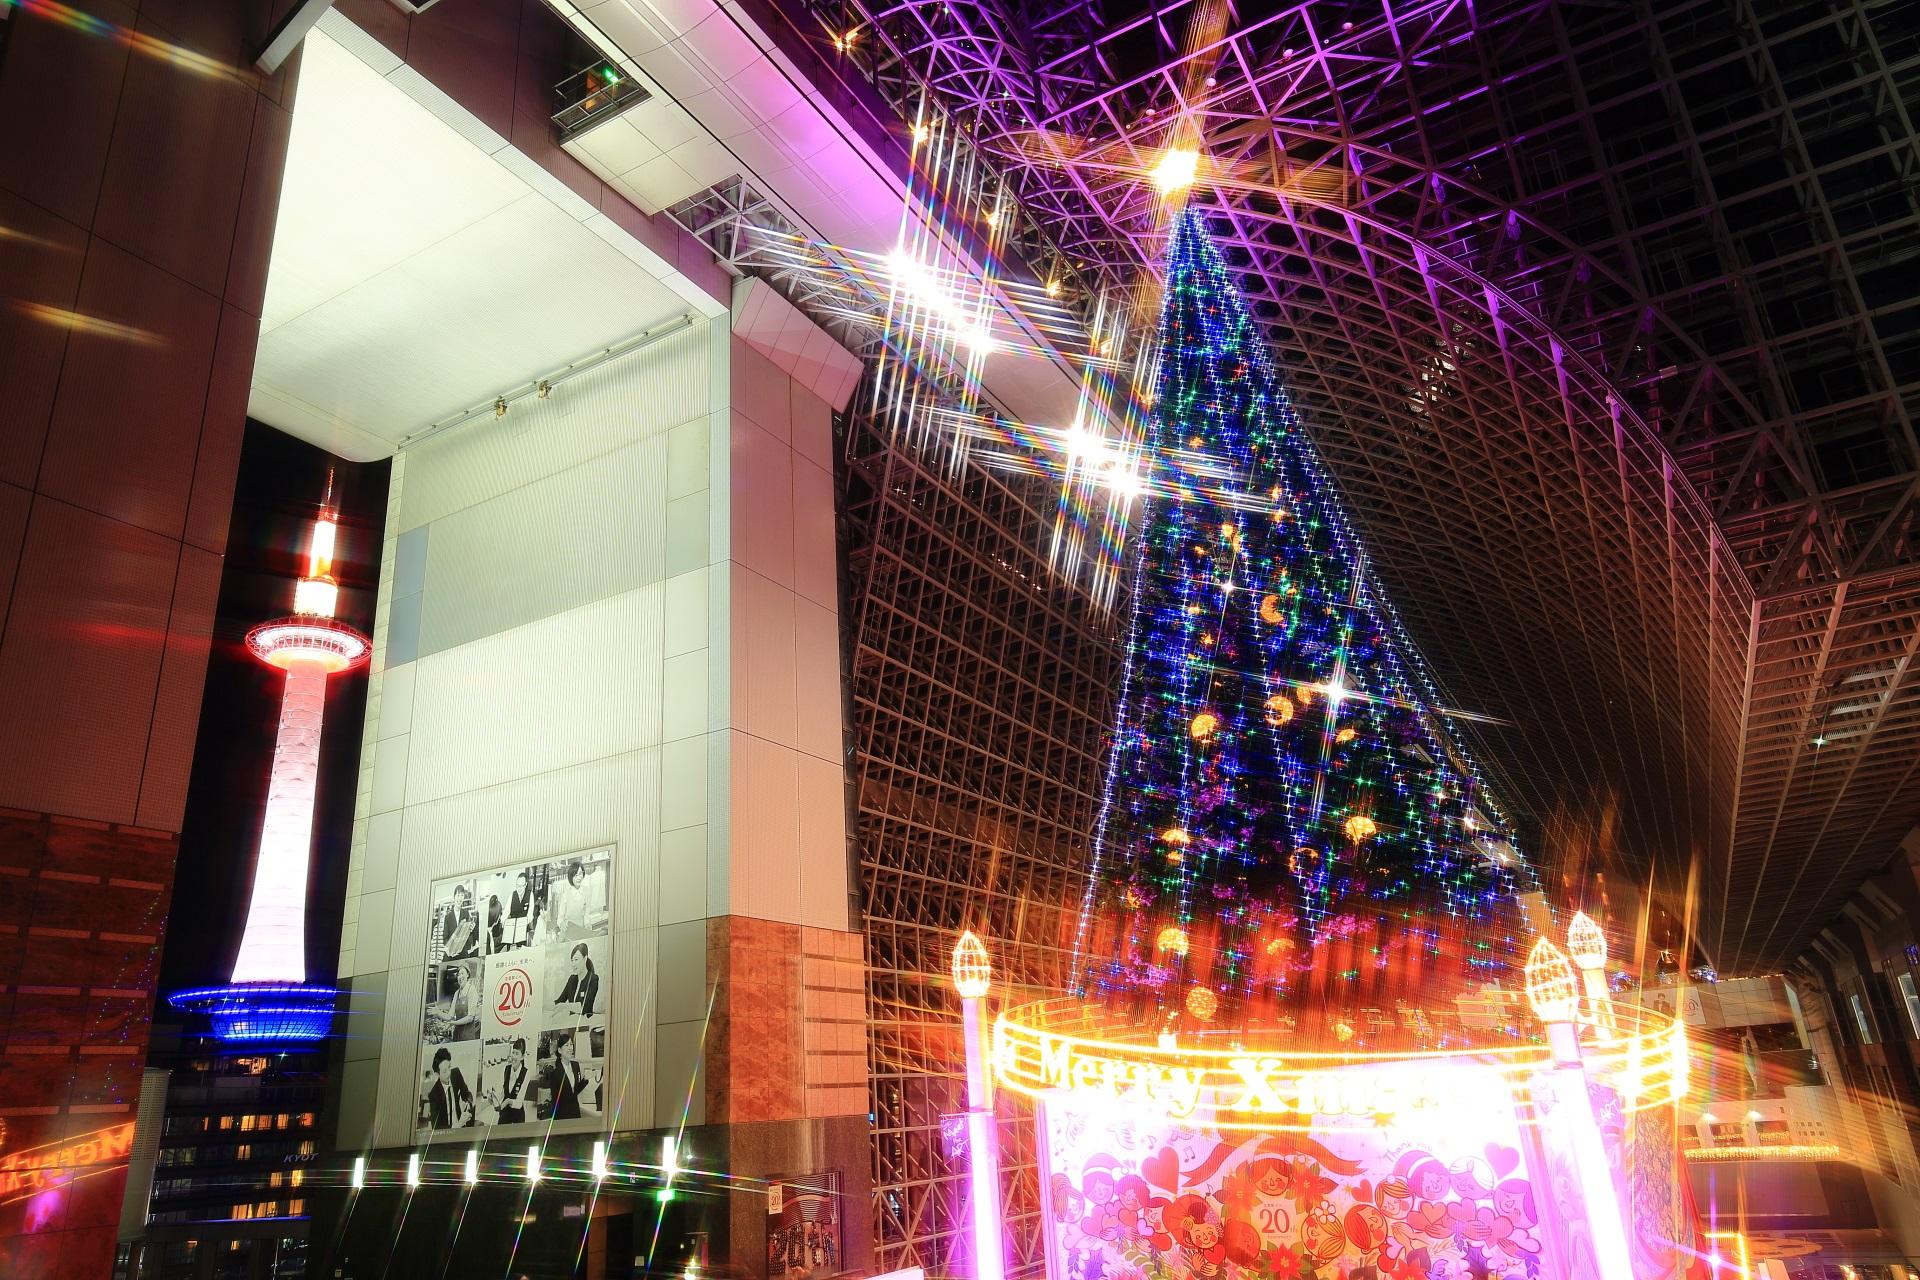 高画質 駅ビル クリスマスツリー 写真